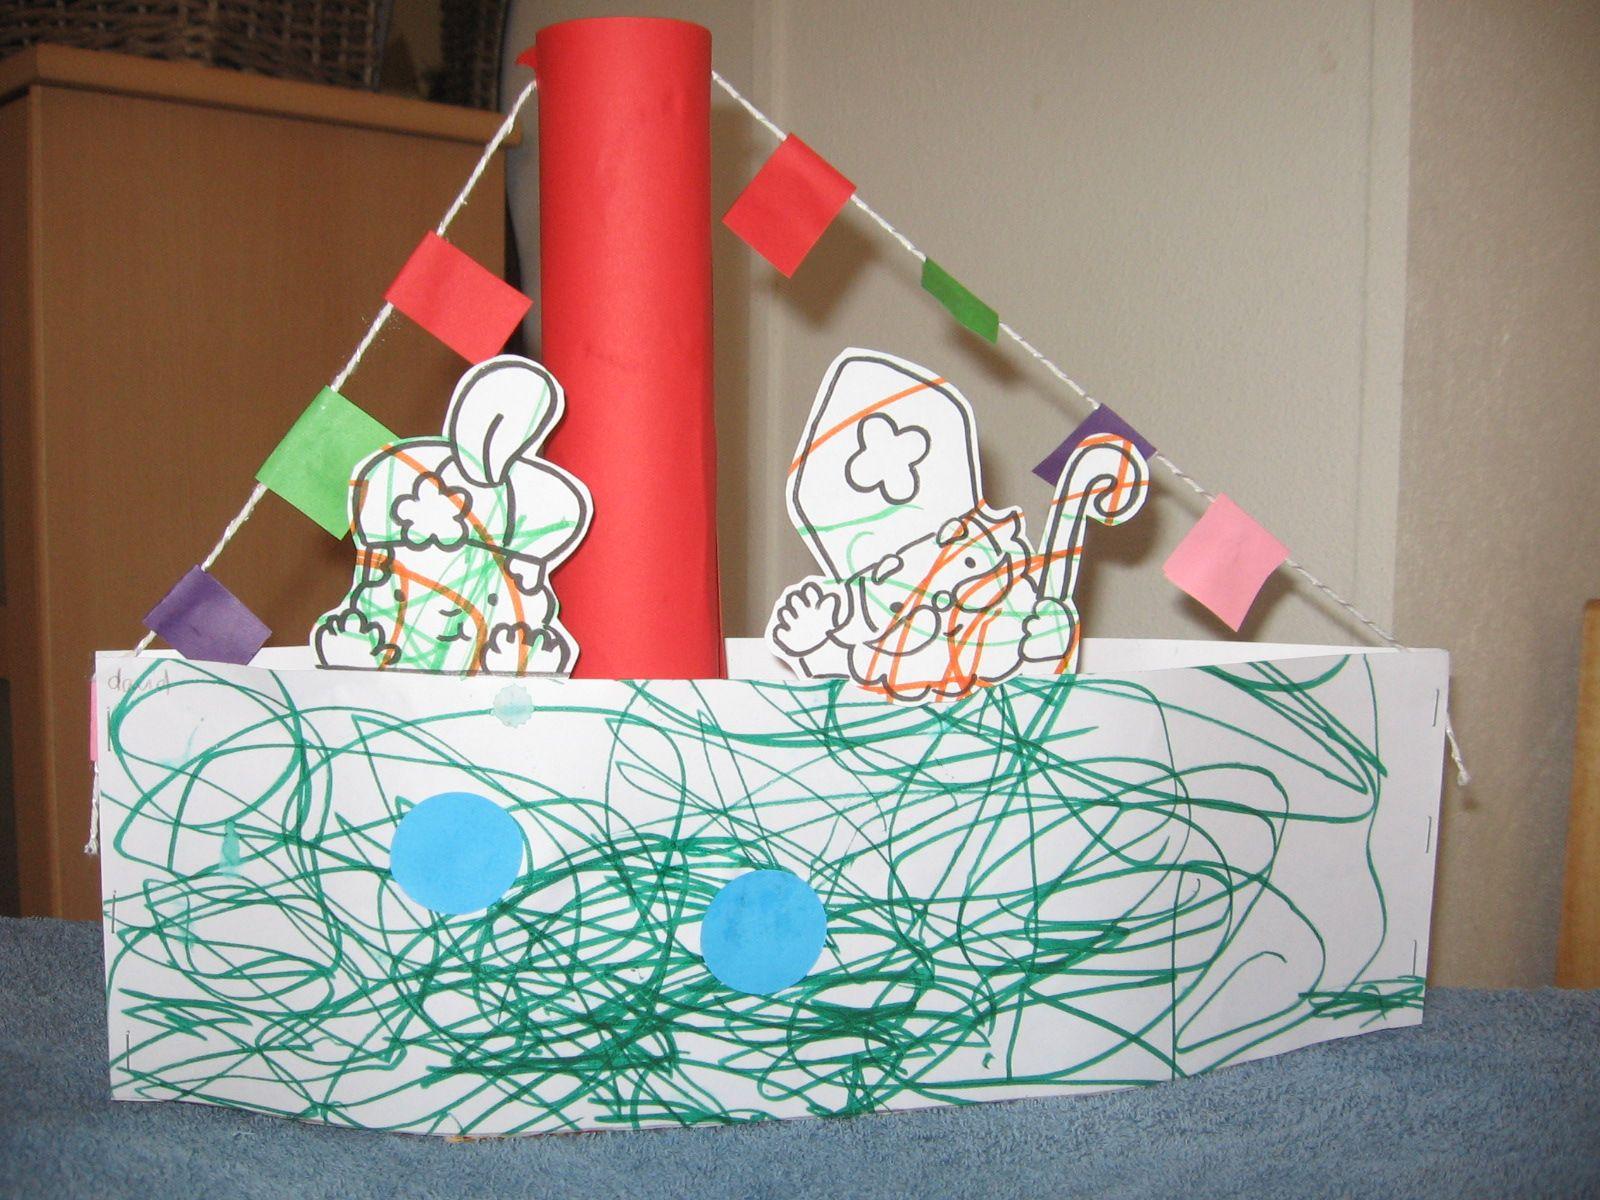 Stoomboot Sint En Piet Lege Verpakking Van Bv Hagelslag Keukenrol 2 Stroken Papier Touwtje Papier Kleurplaat Knutselen Sinterklaas Sinterklaas Thema